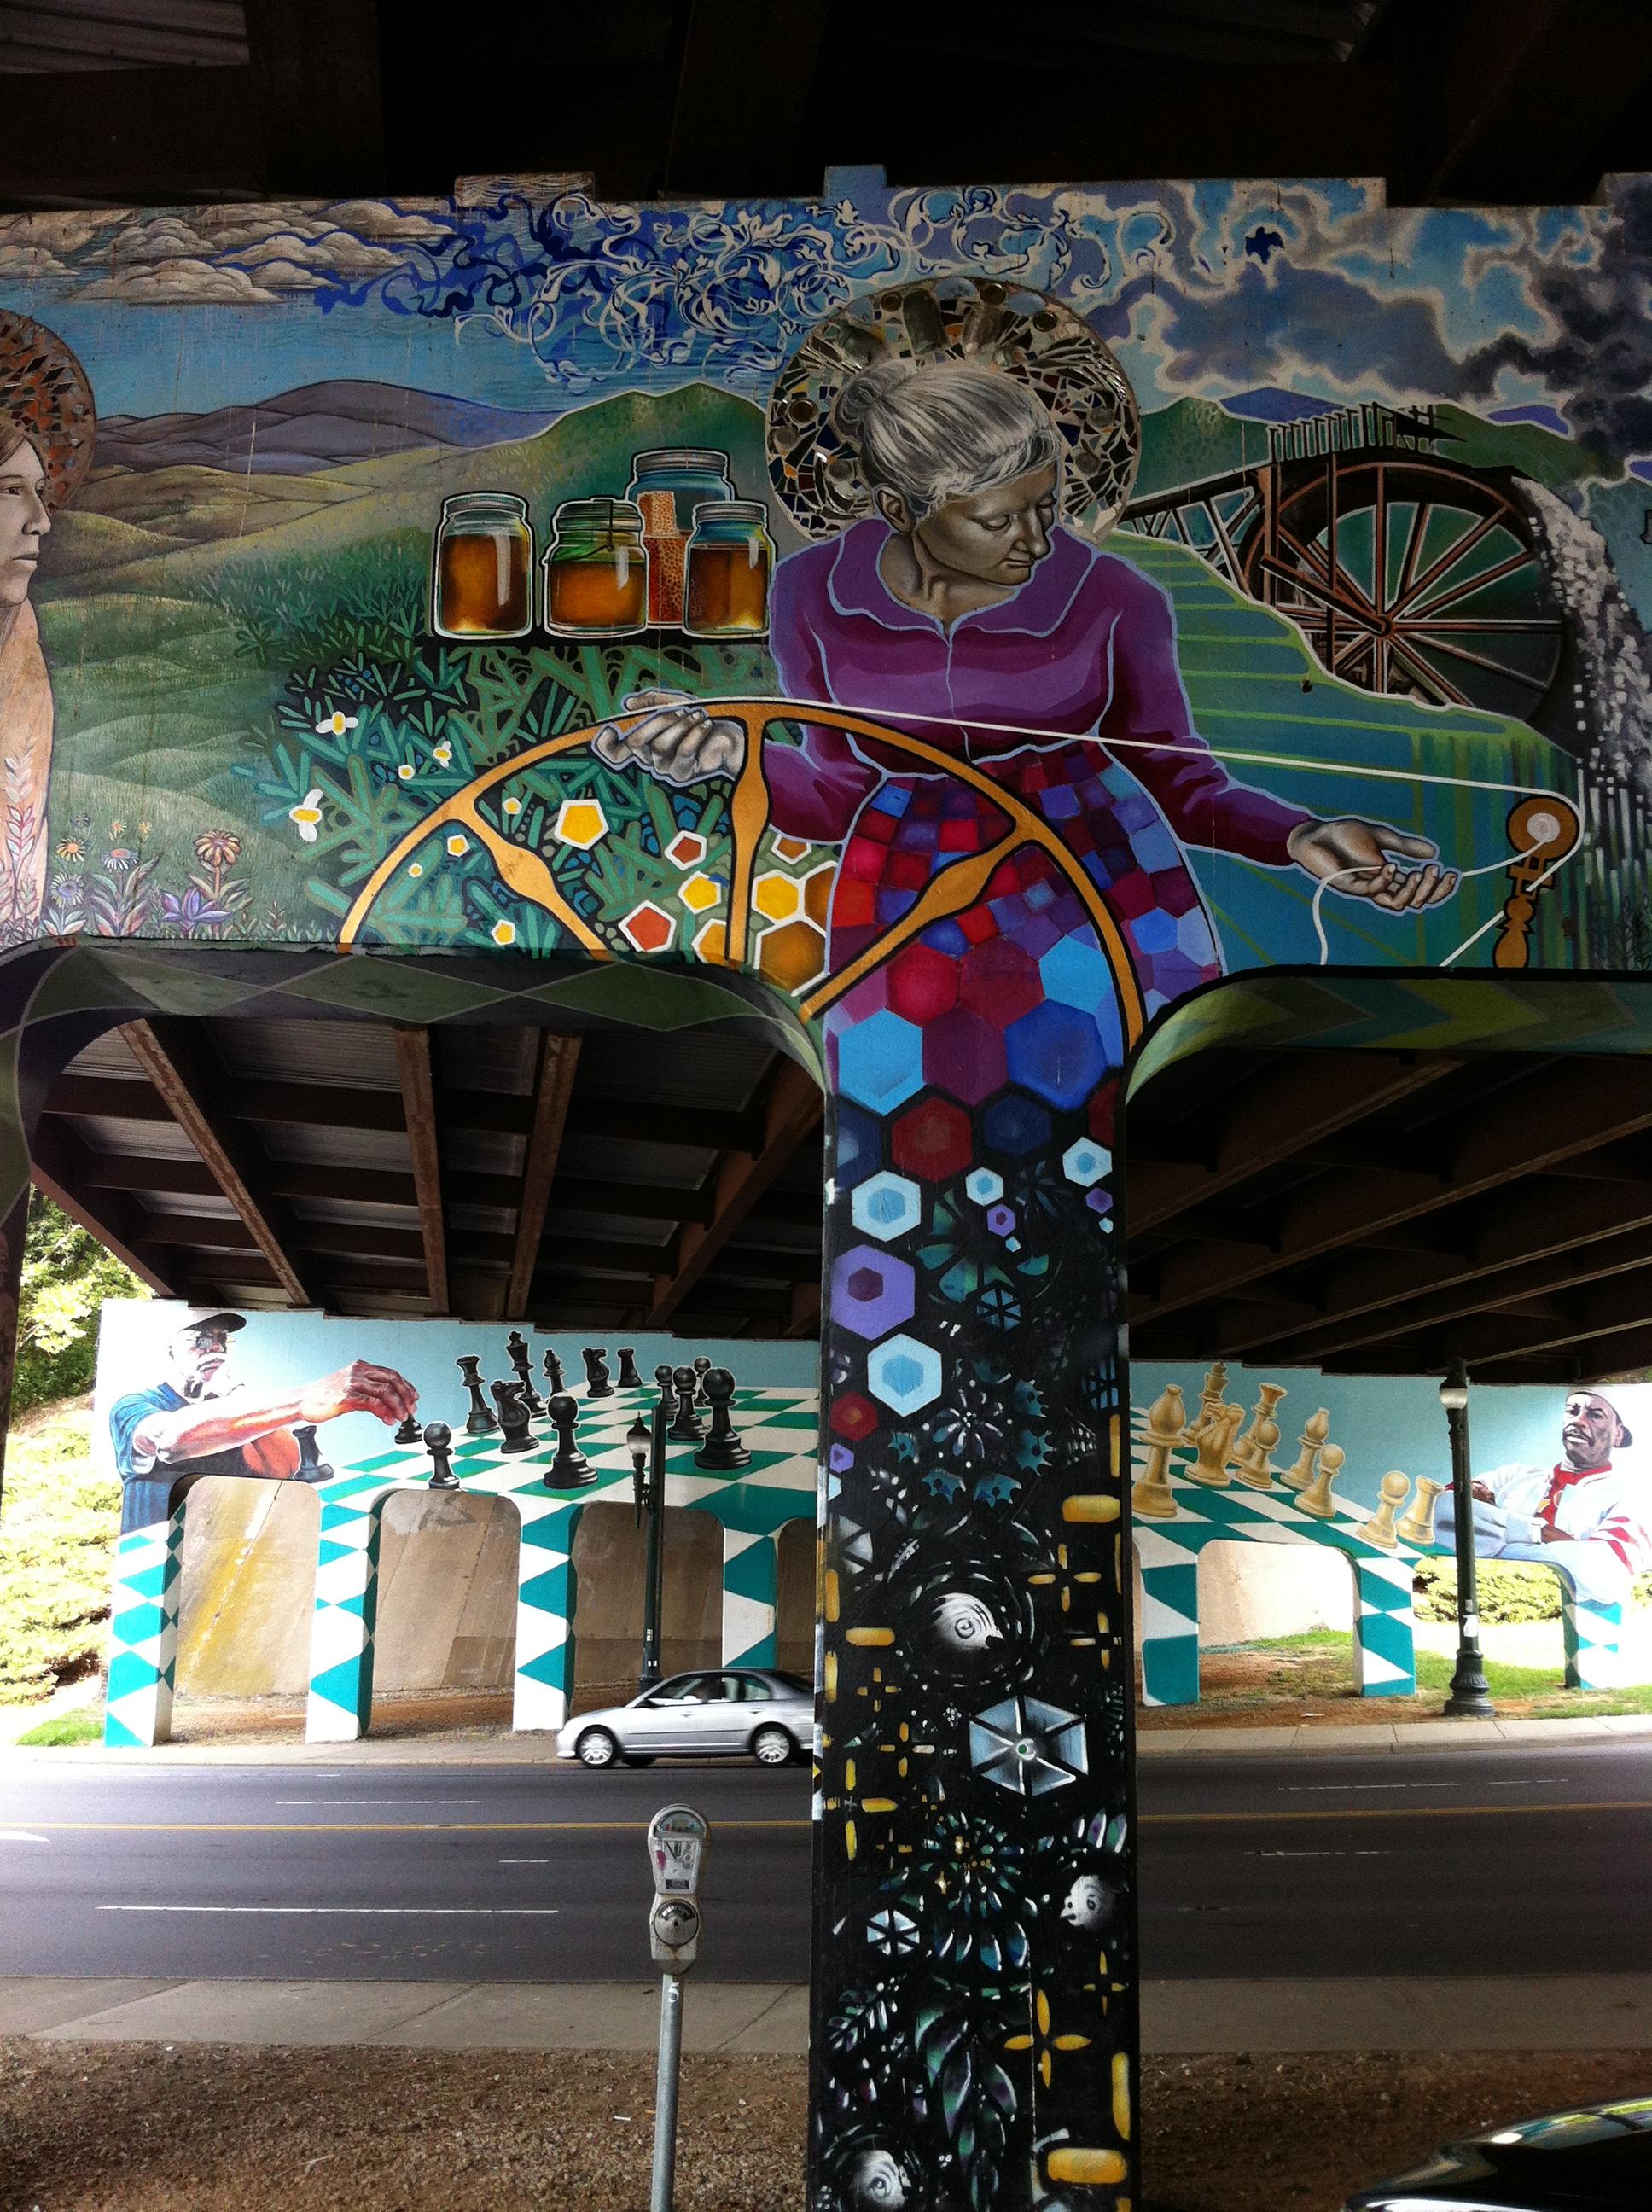 asheville street art avl avlstreetart avlgraffiti graffiti